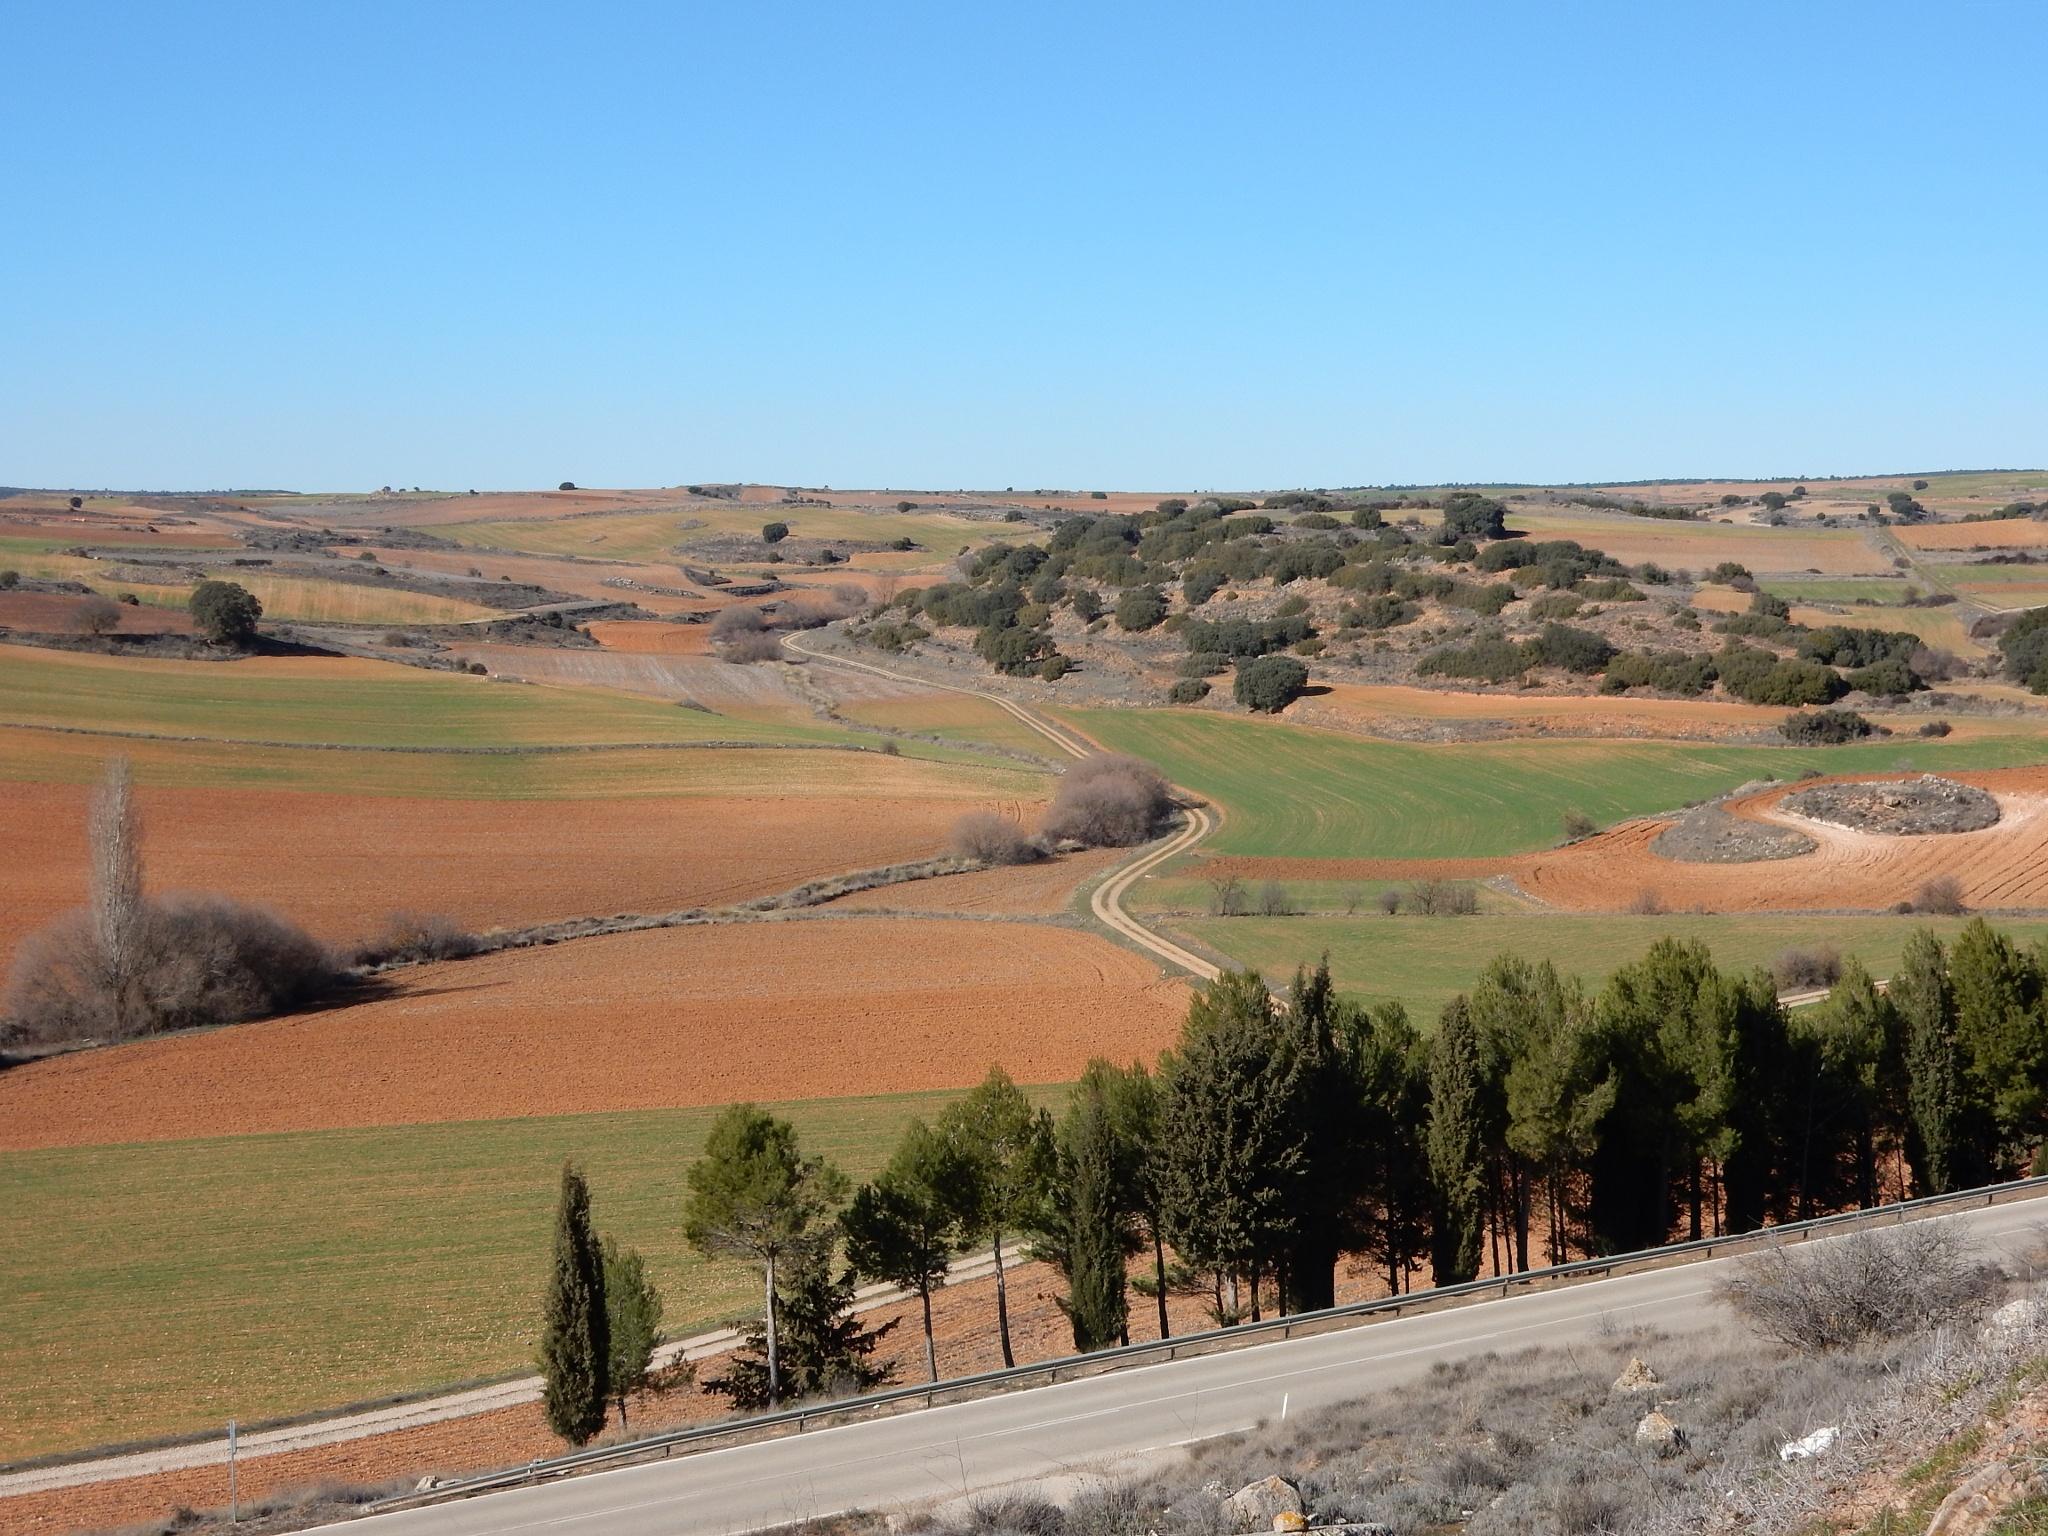 Campos de Castilla by Gregorio Emper